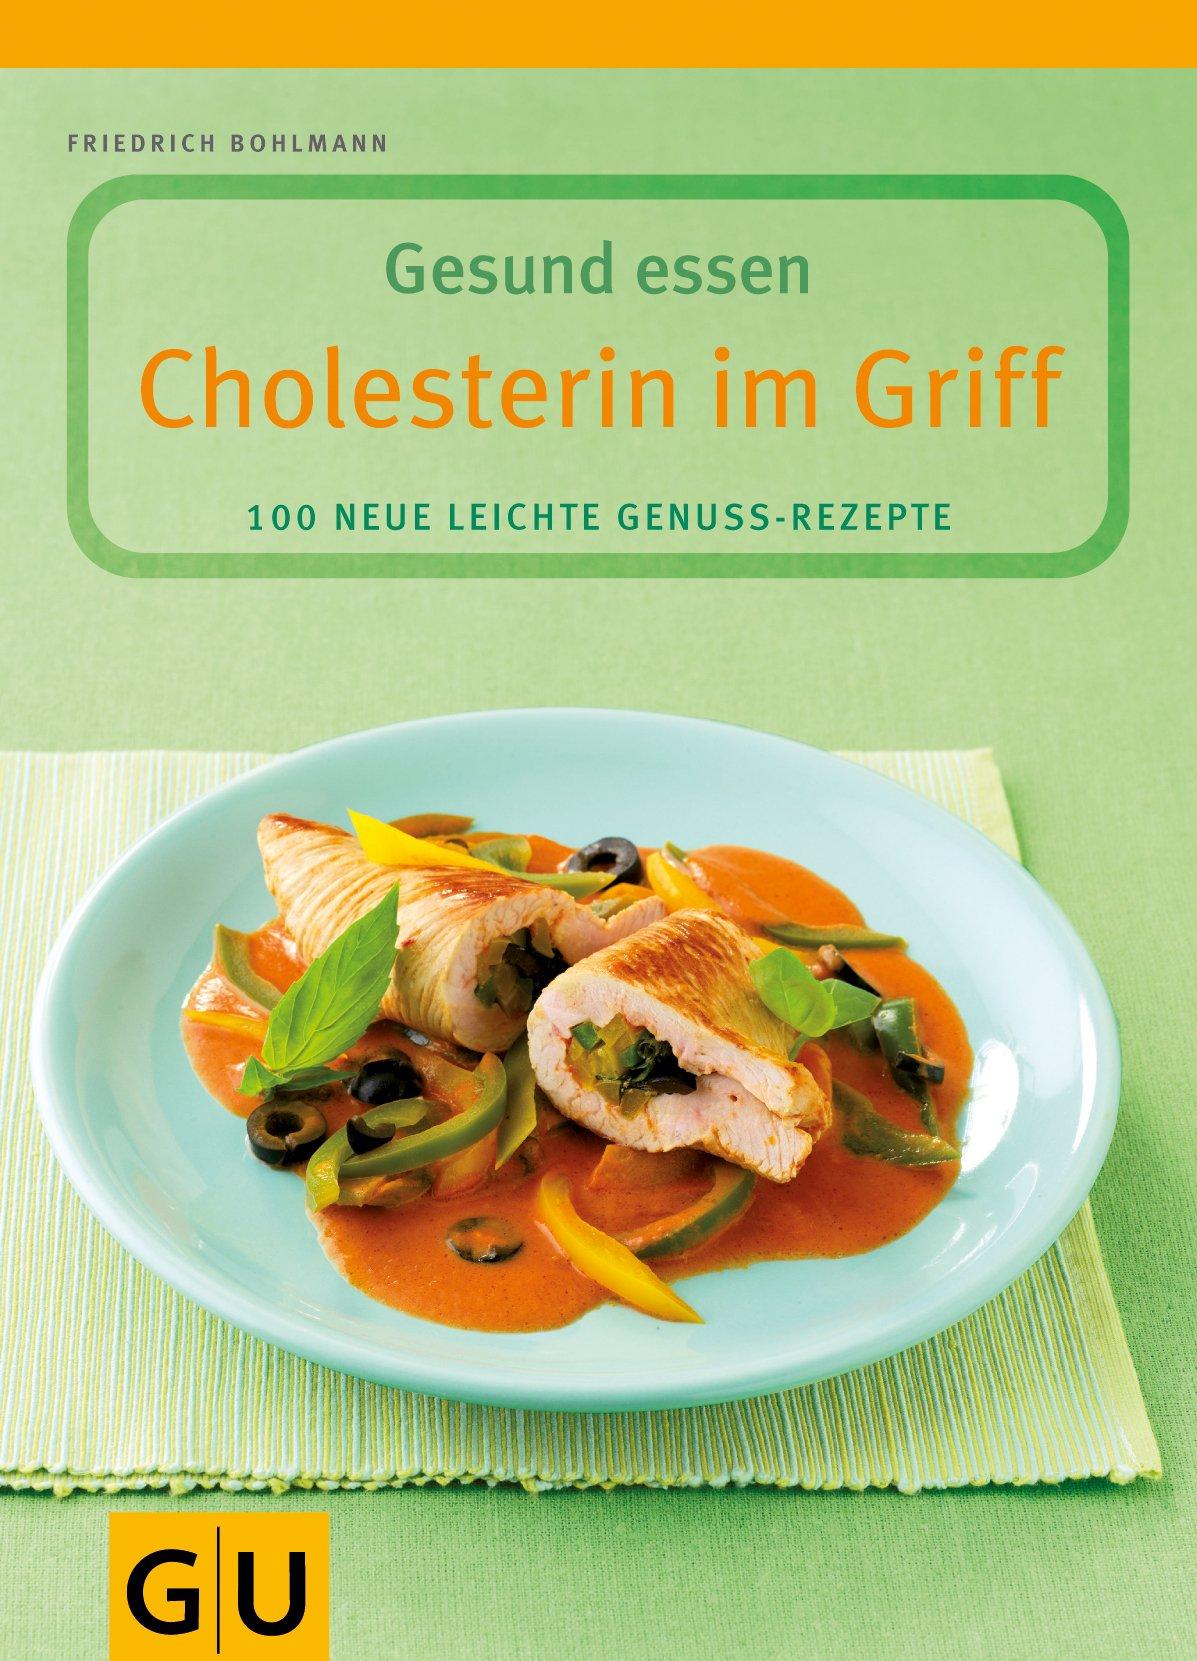 Cholesterin im Griff (GU Genussvoll essen)